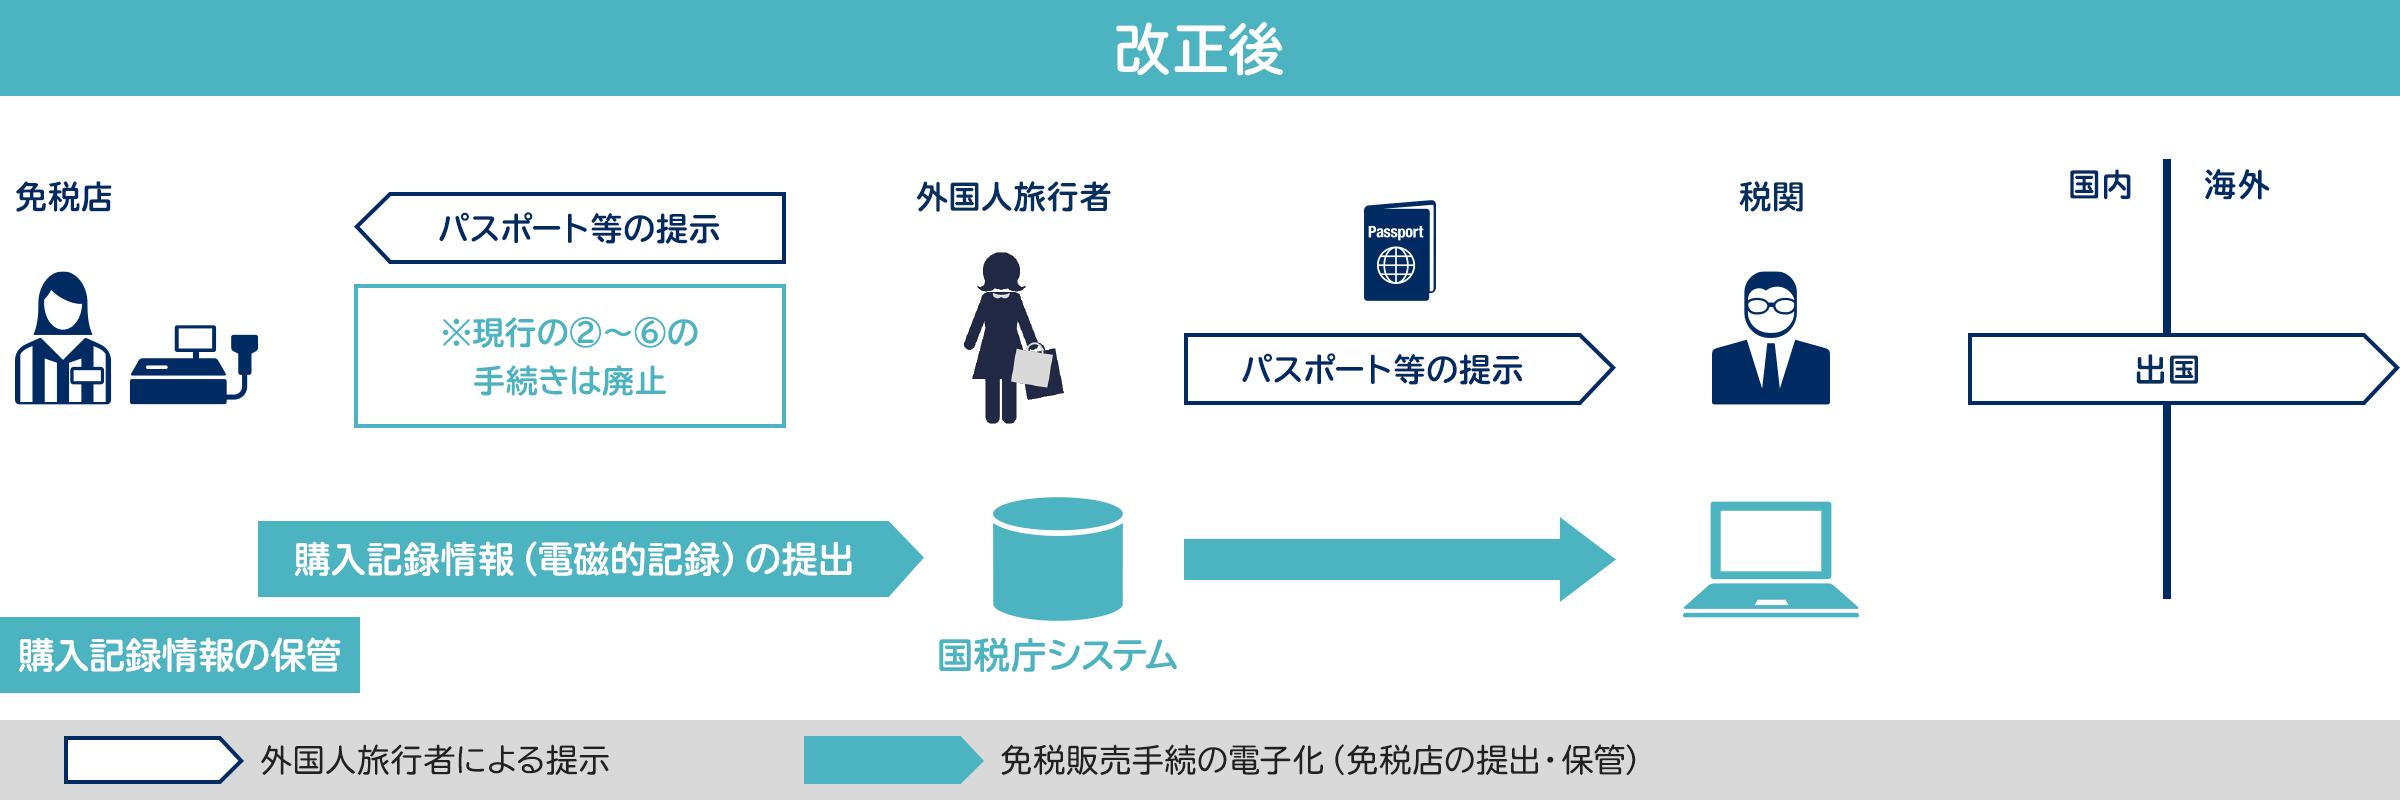 障害 国税庁 システム